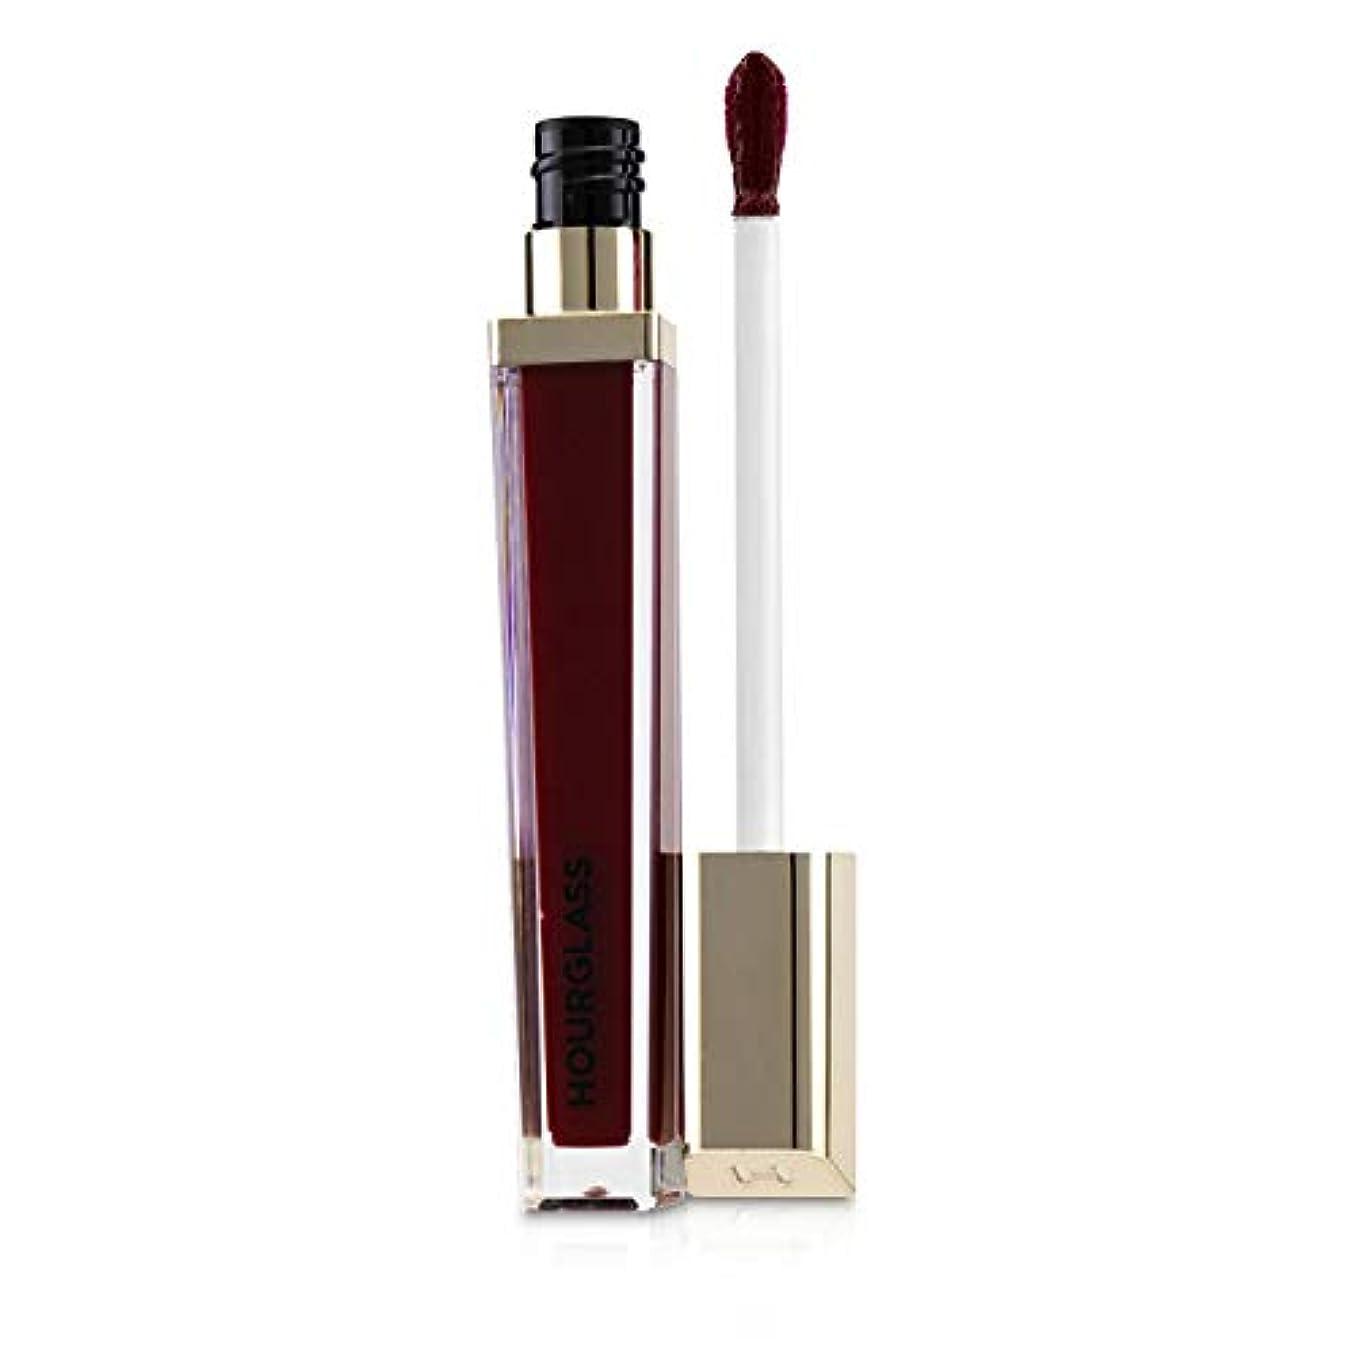 アワーグラス Unreal High Shine Volumizing Lip Gloss - # Icon (Blue Red) 5.6g/0.2oz並行輸入品